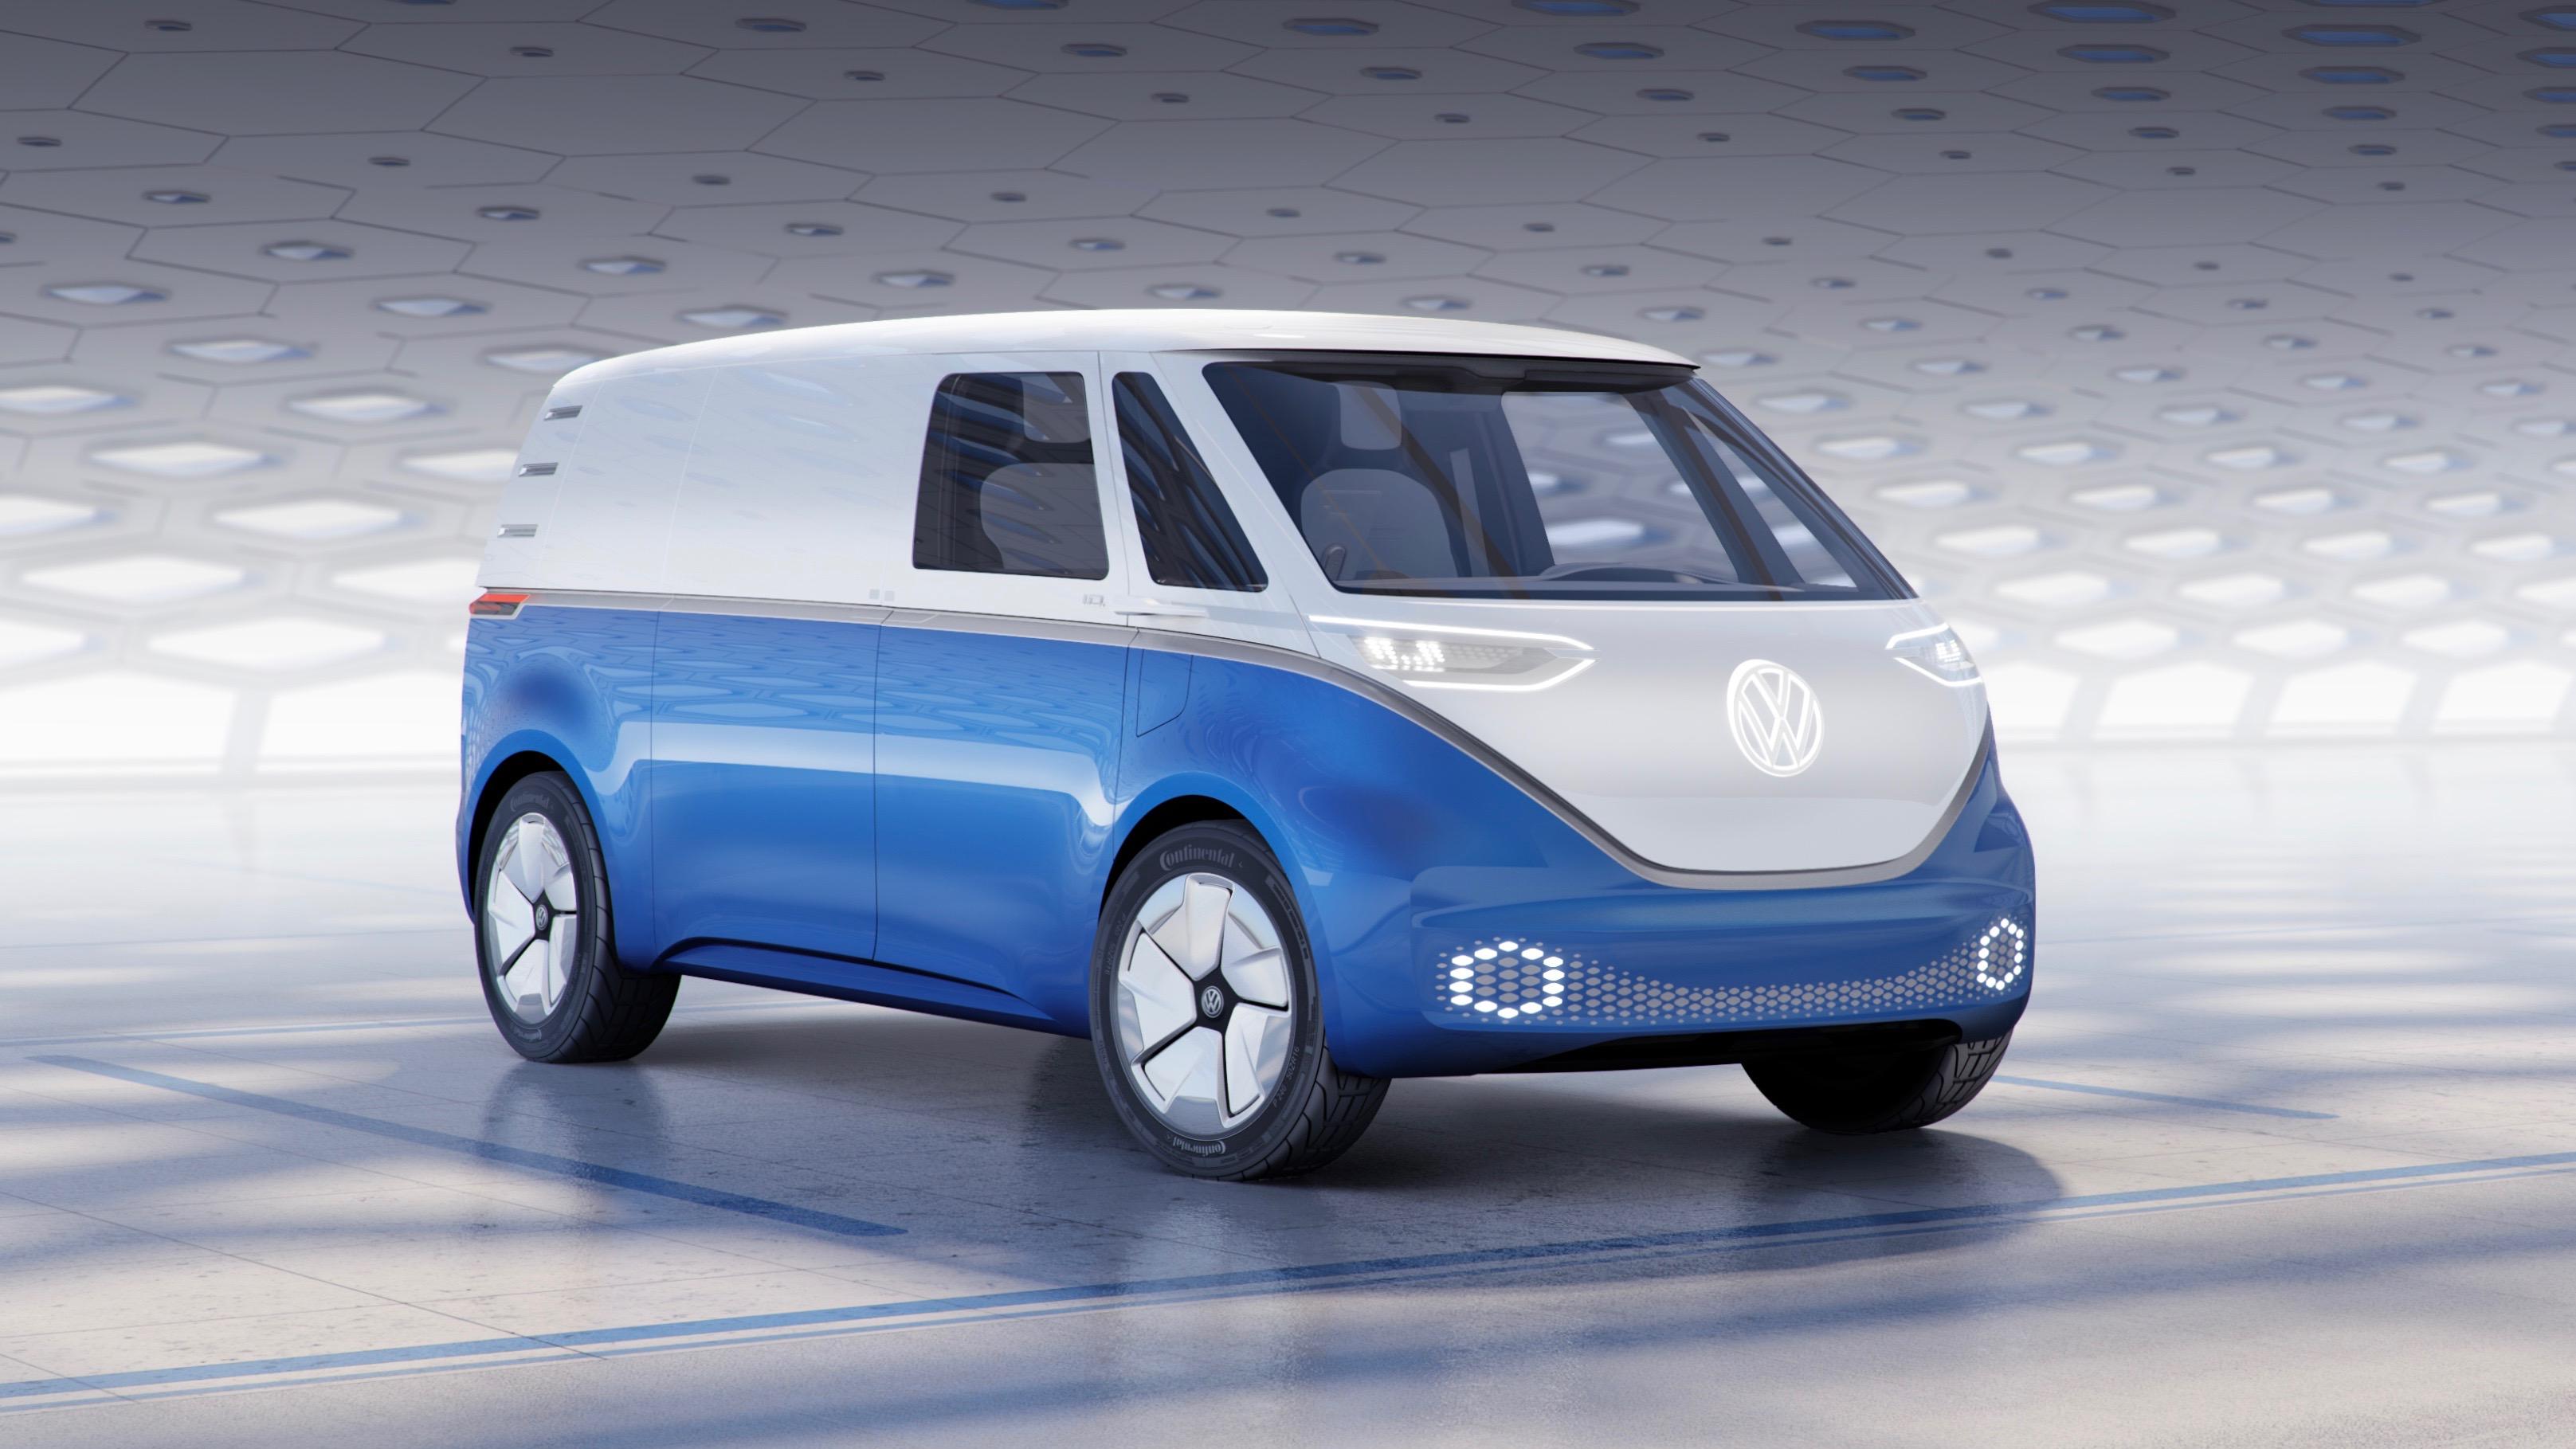 Volkswagen's electric van concept